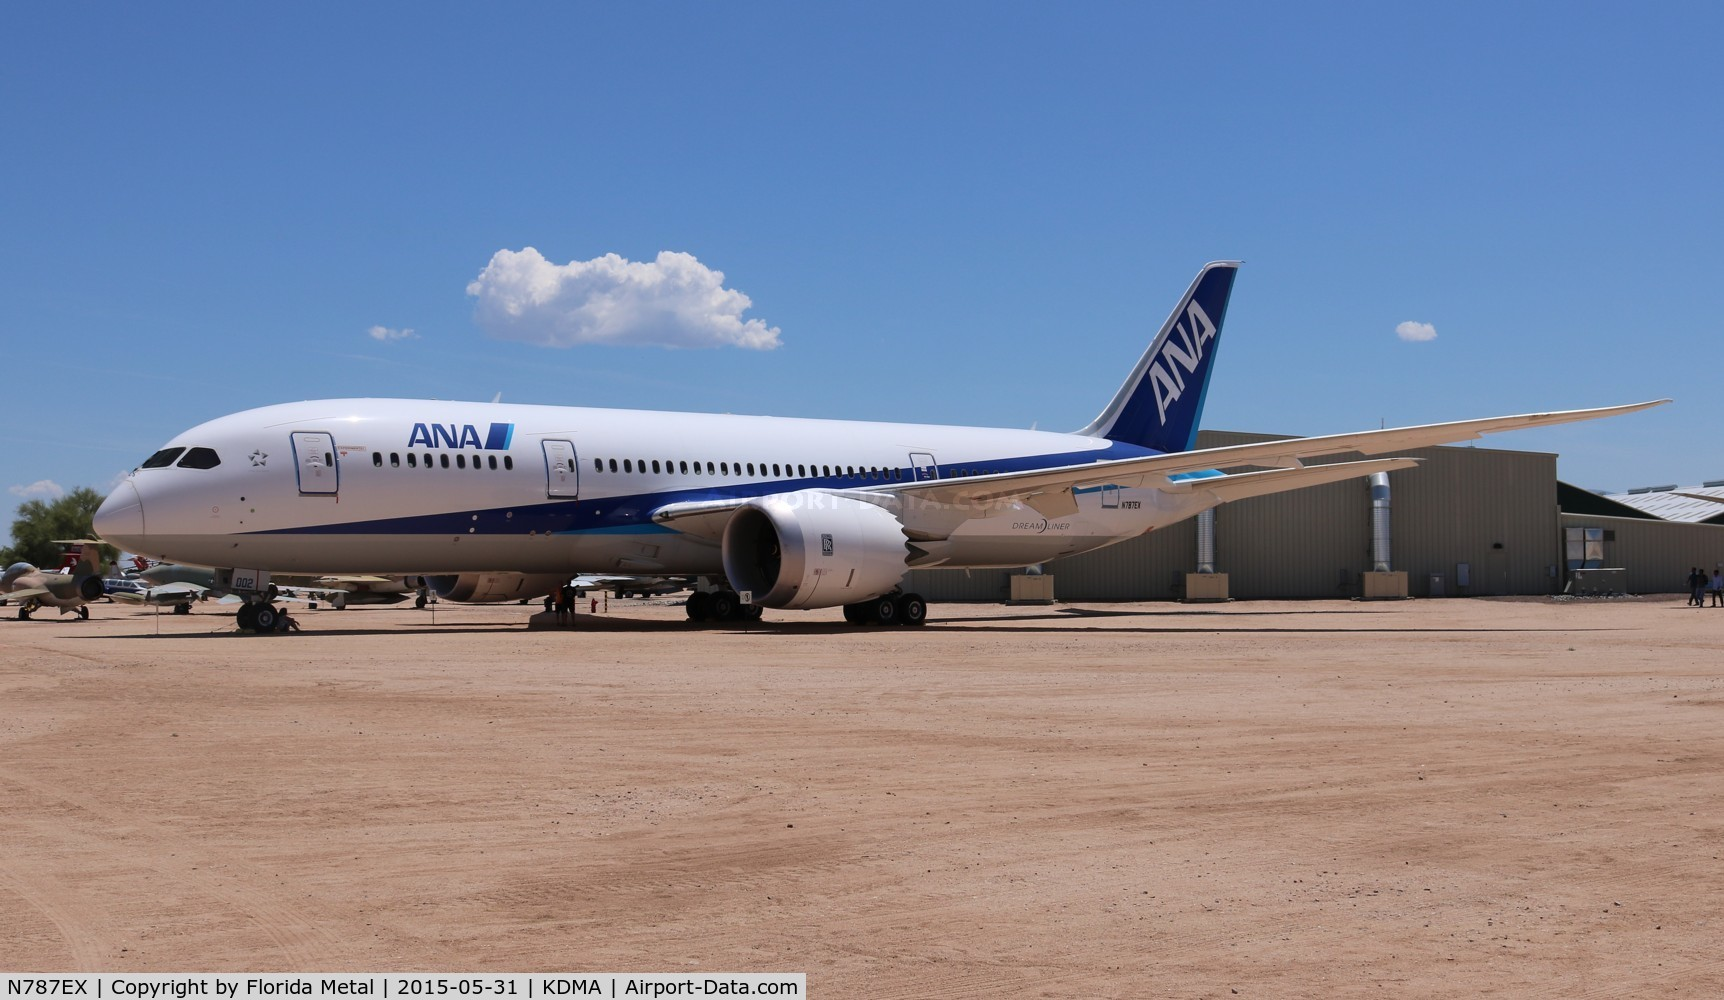 N787EX, 2009 Boeing 787-8 Dreamliner C/N 40691, 787-8